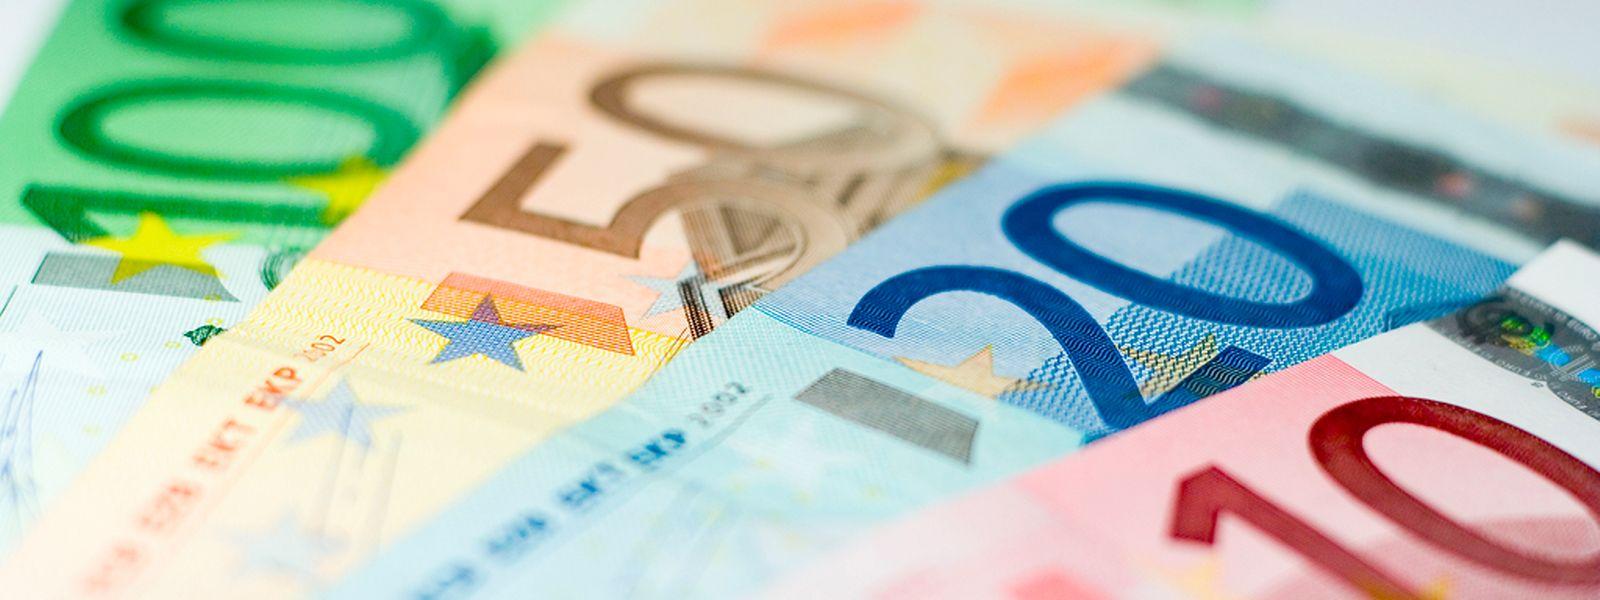 Selon la Chambre de commerce, si le salaire augmente plus vite ici que chez les voisins, la compétitivité en souffre.